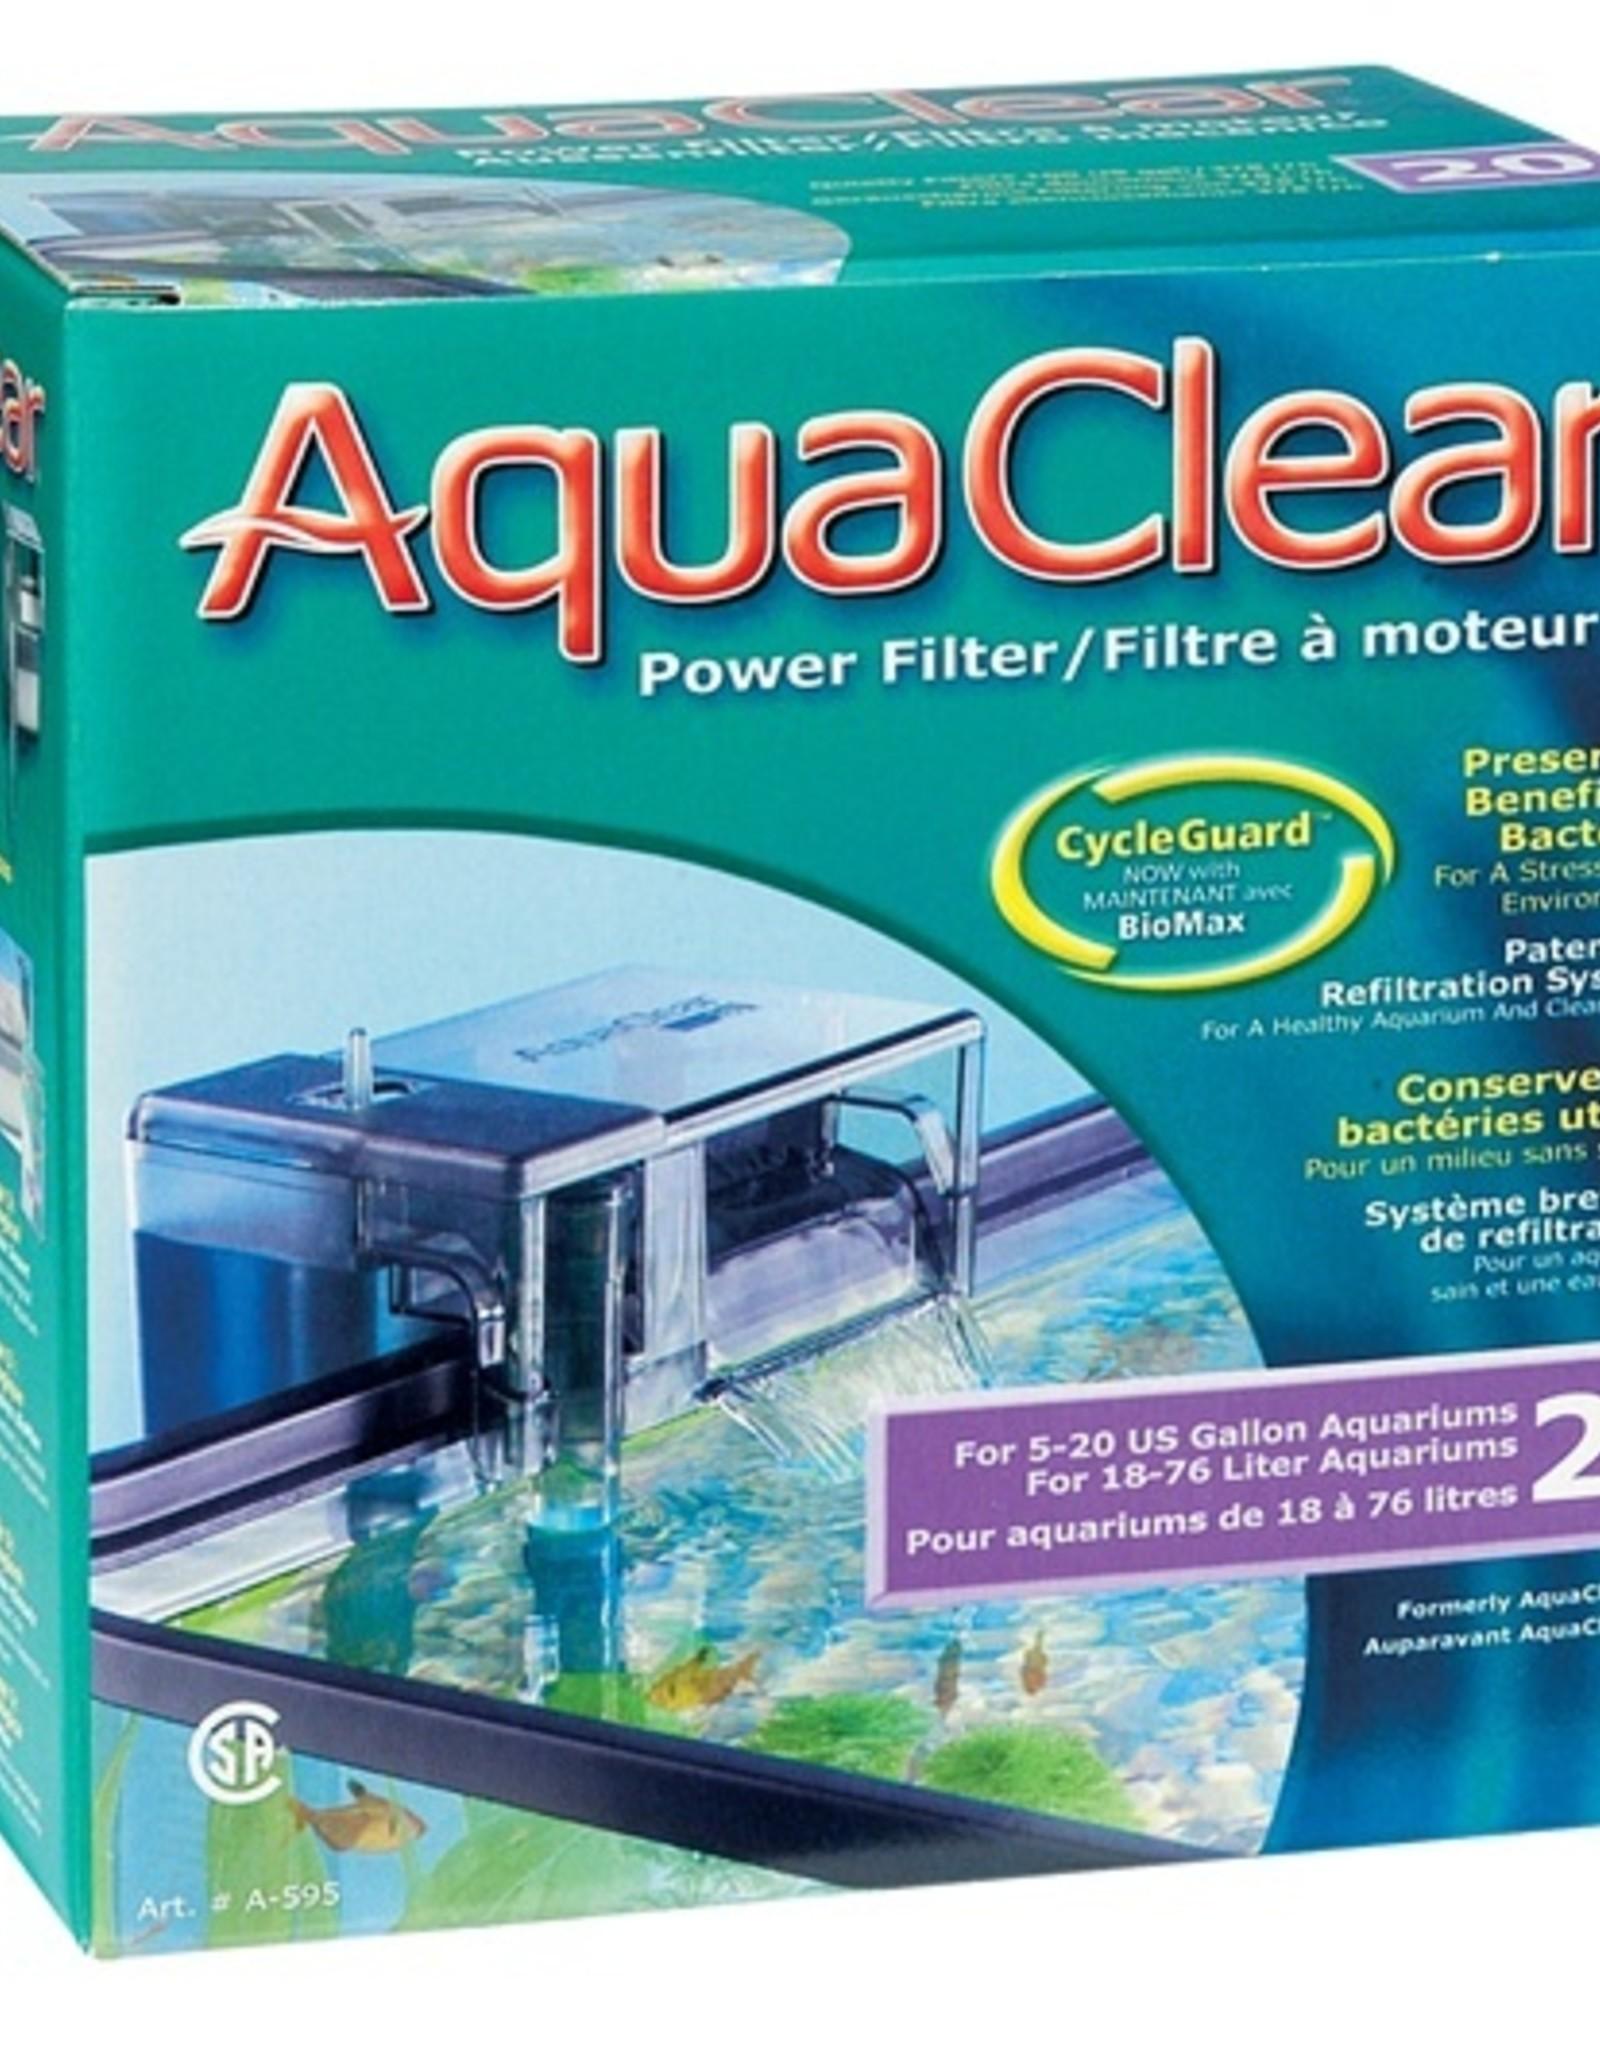 HAGEN AQUA CLEAR 20 (MINI) 100 GPH FILTER